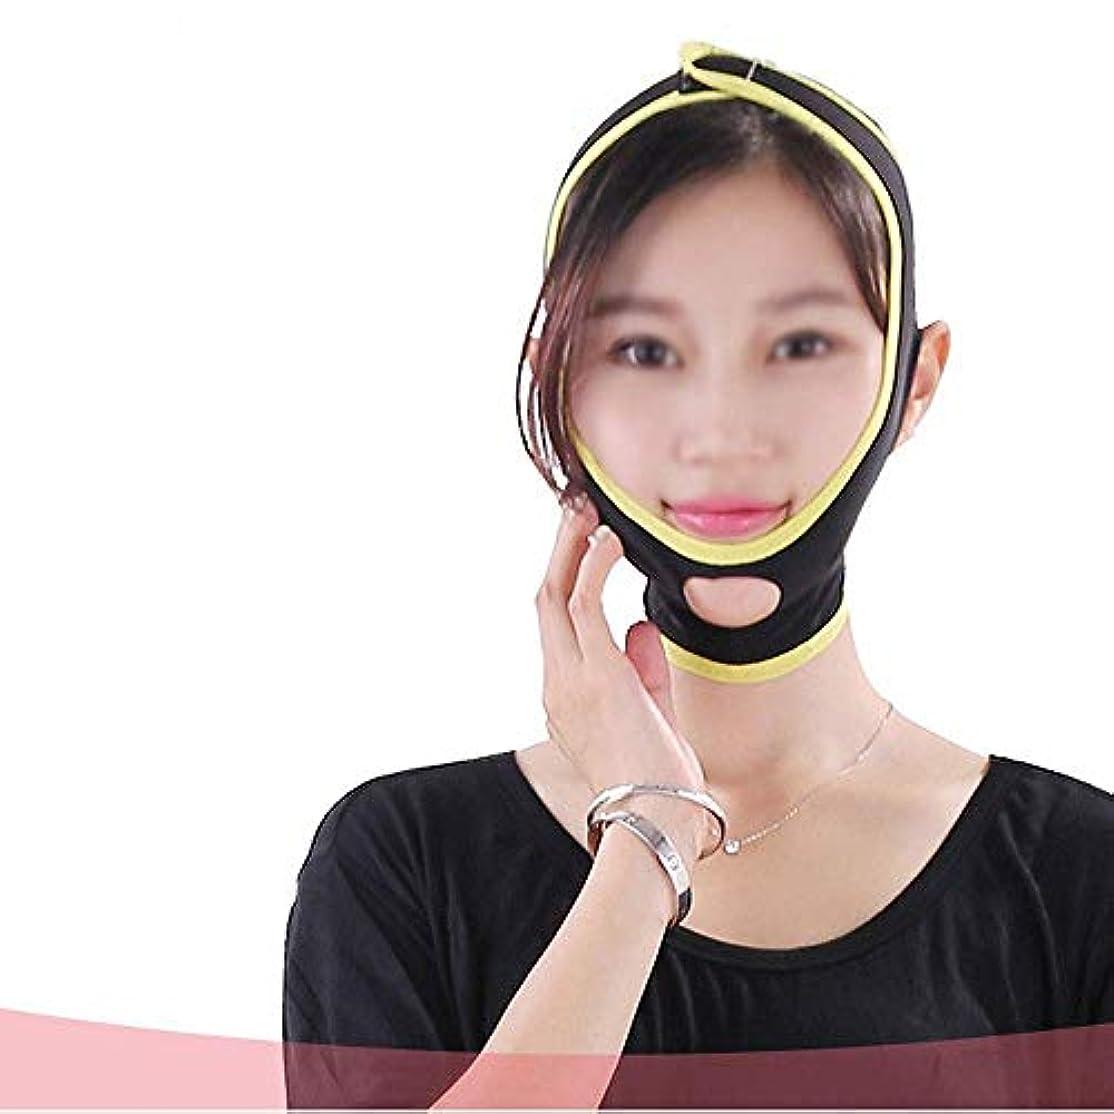 冬振り向く試み睡眠用フェイスマスク、薄い顔の包帯、小さな顔Vの顔、薄い顔、フェイスリフト付き(サイズ:M)